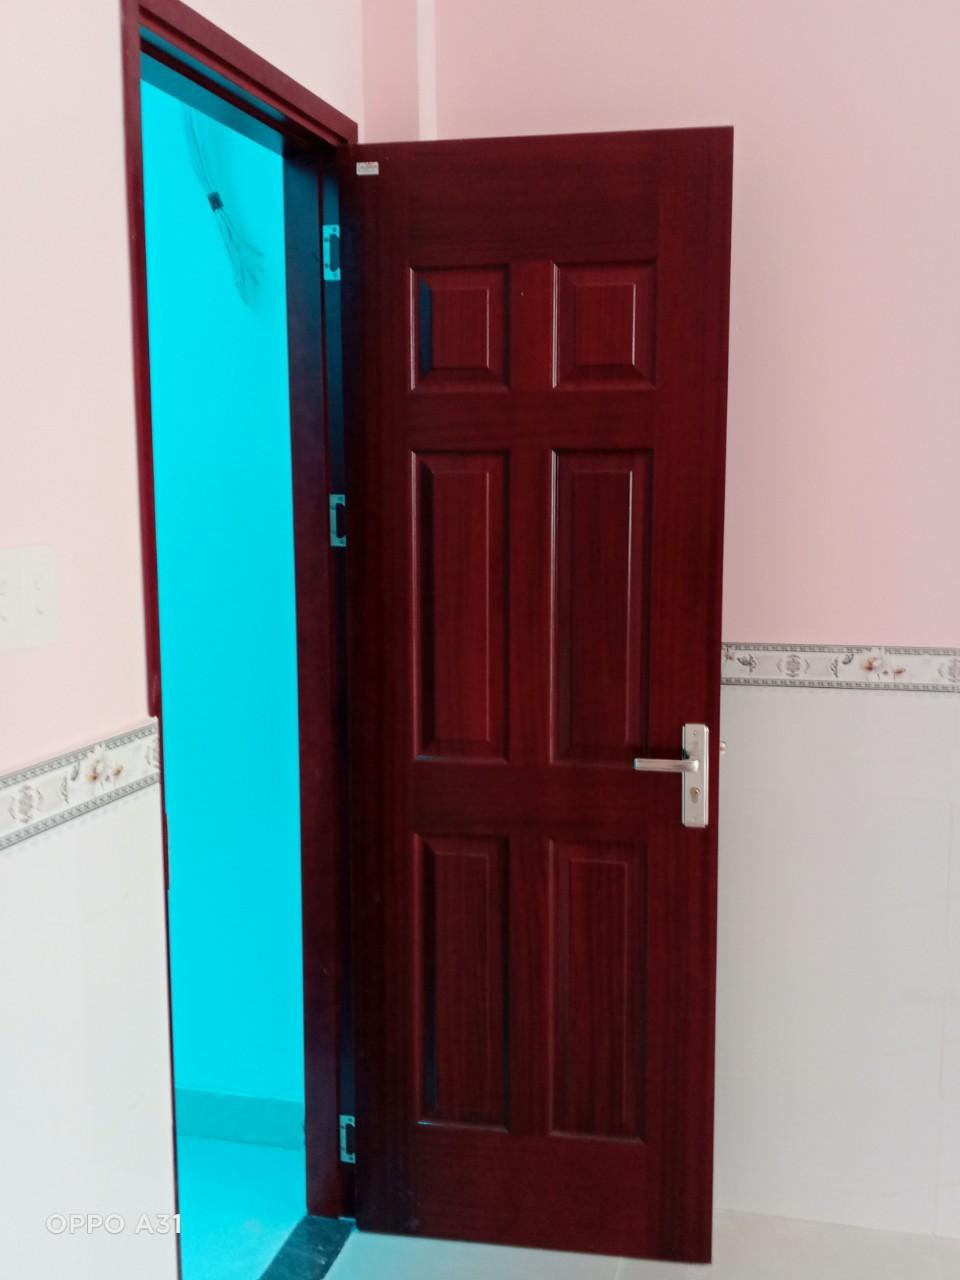 Cửa Gỗ Công Nghiệp HDF Veneer Tại Bình Thuận / Báo Giá Cửa Gỗ